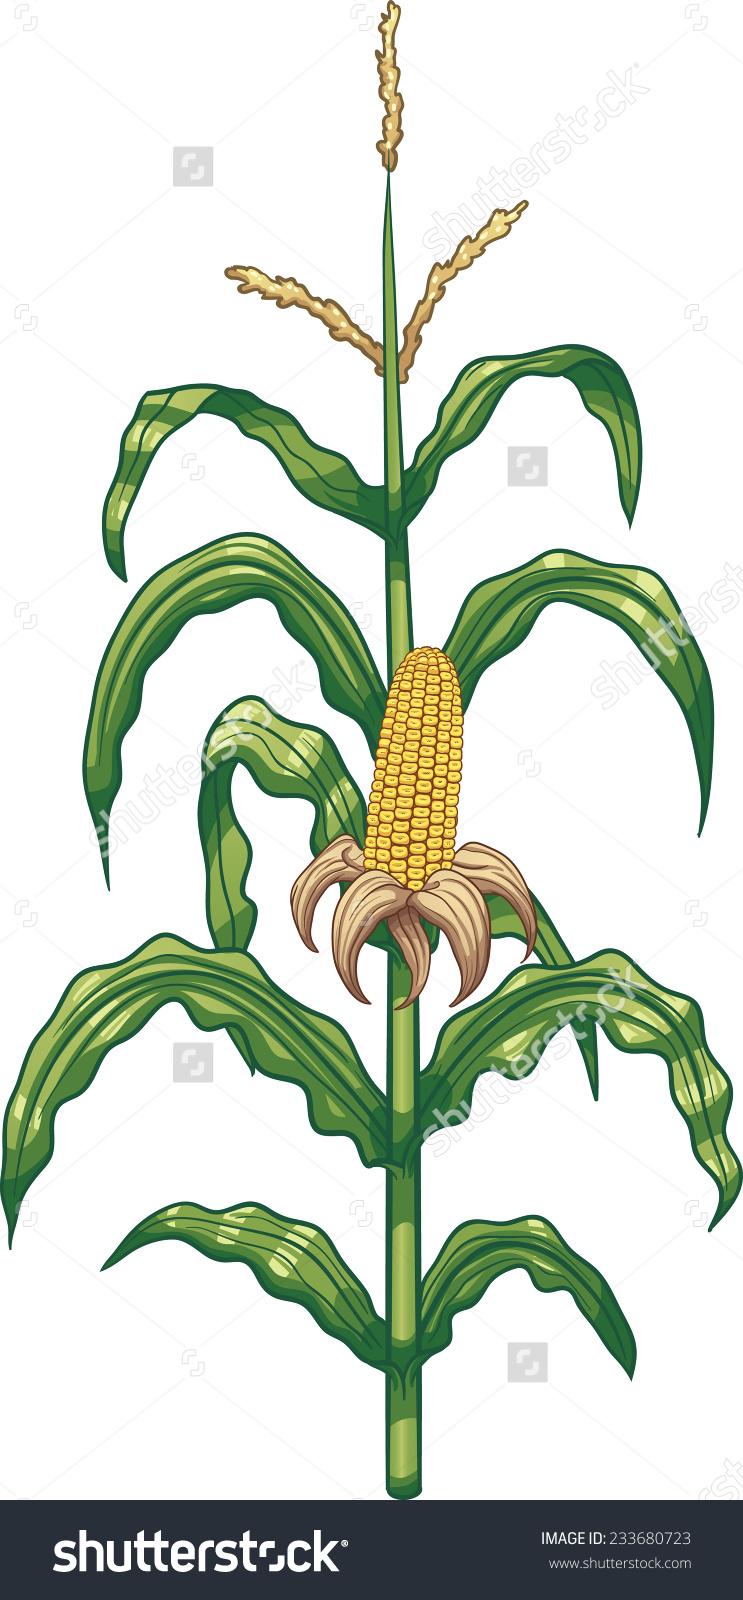 Maize cultivation clipart #12